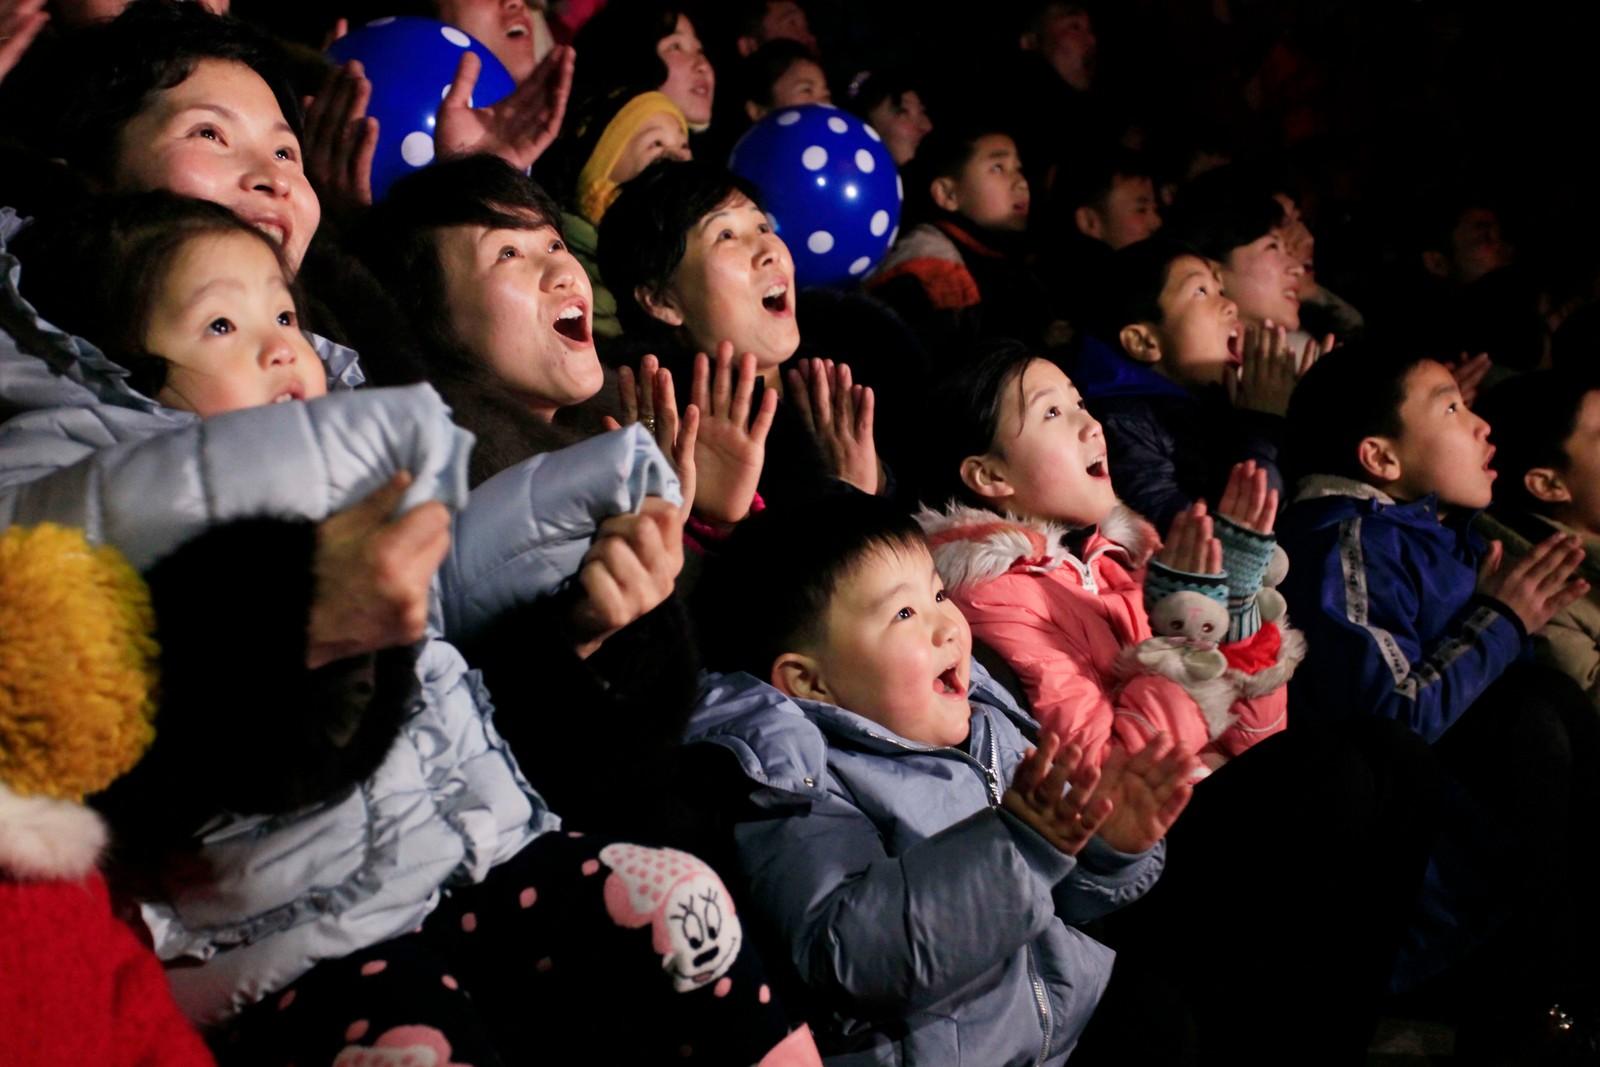 PYONGYANG: Foreldre og barn beundrer nyttårsfyrverkeriet over Kim Il Sung-plassen i Pyongyang i Nord-Korea.